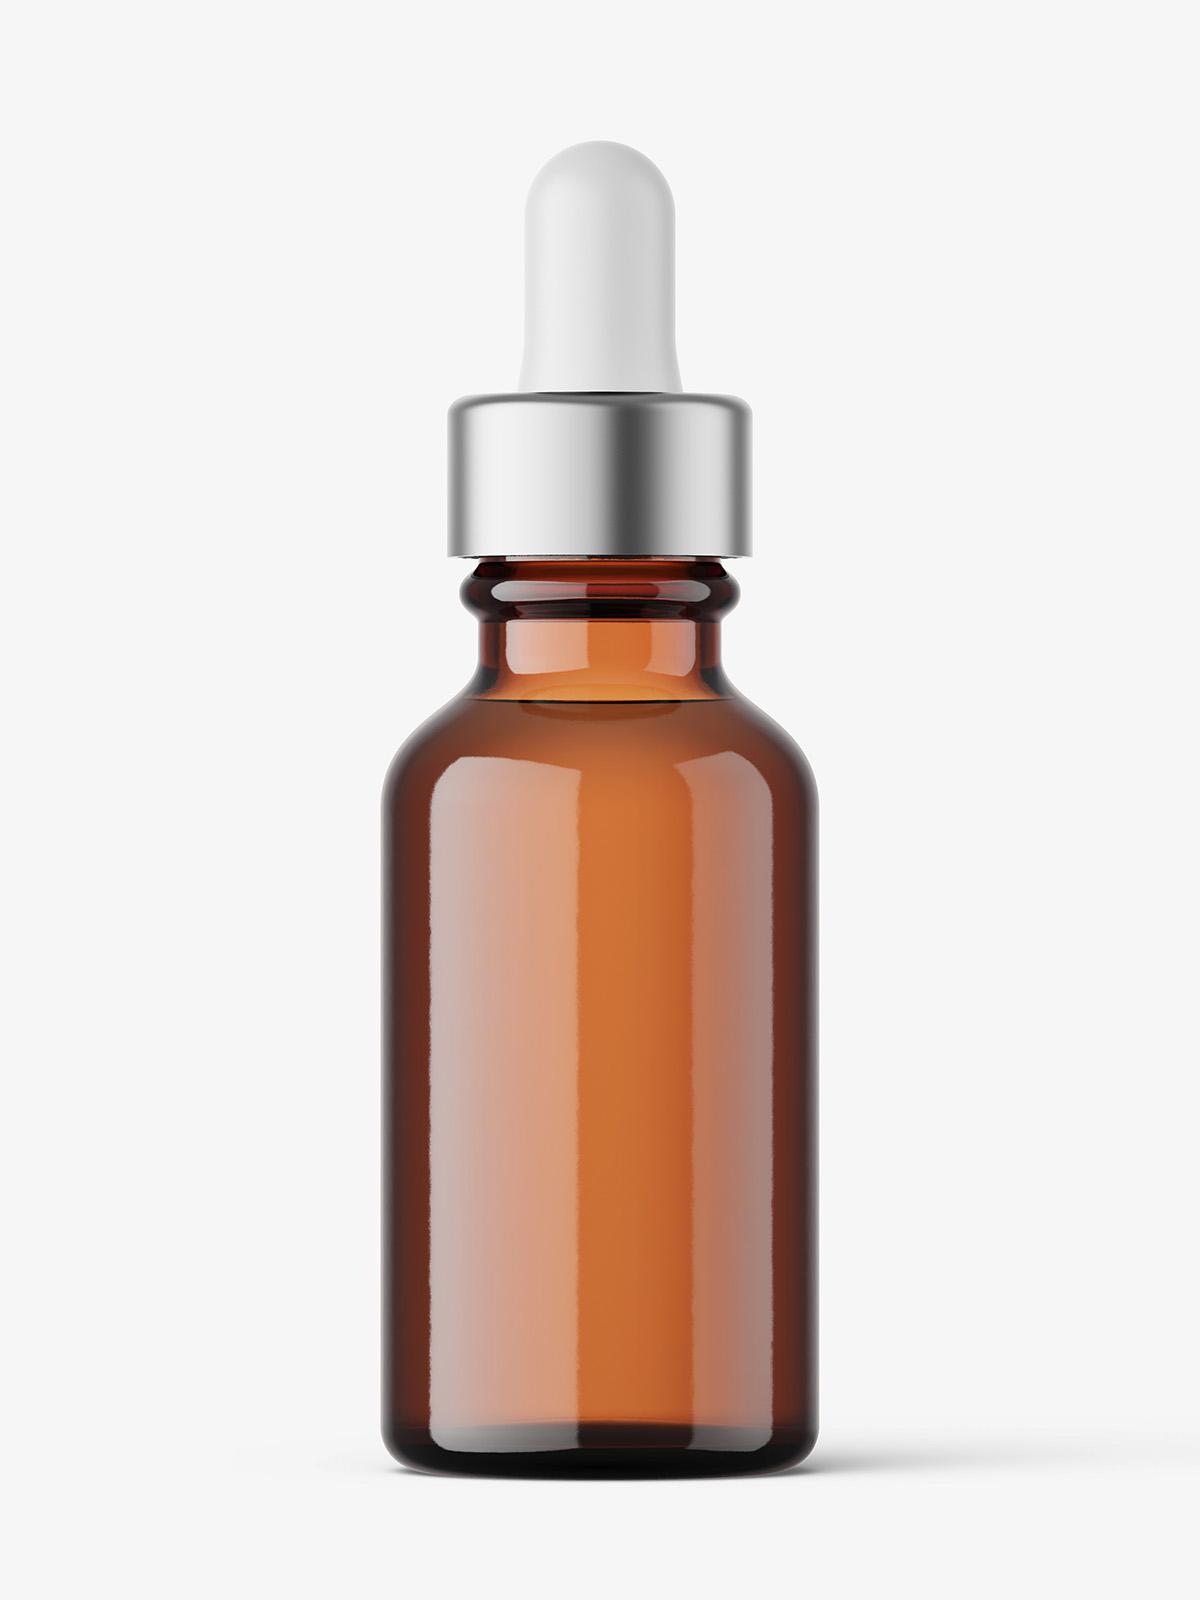 Glass dropper bottle mockup / amber - Smarty Mockups